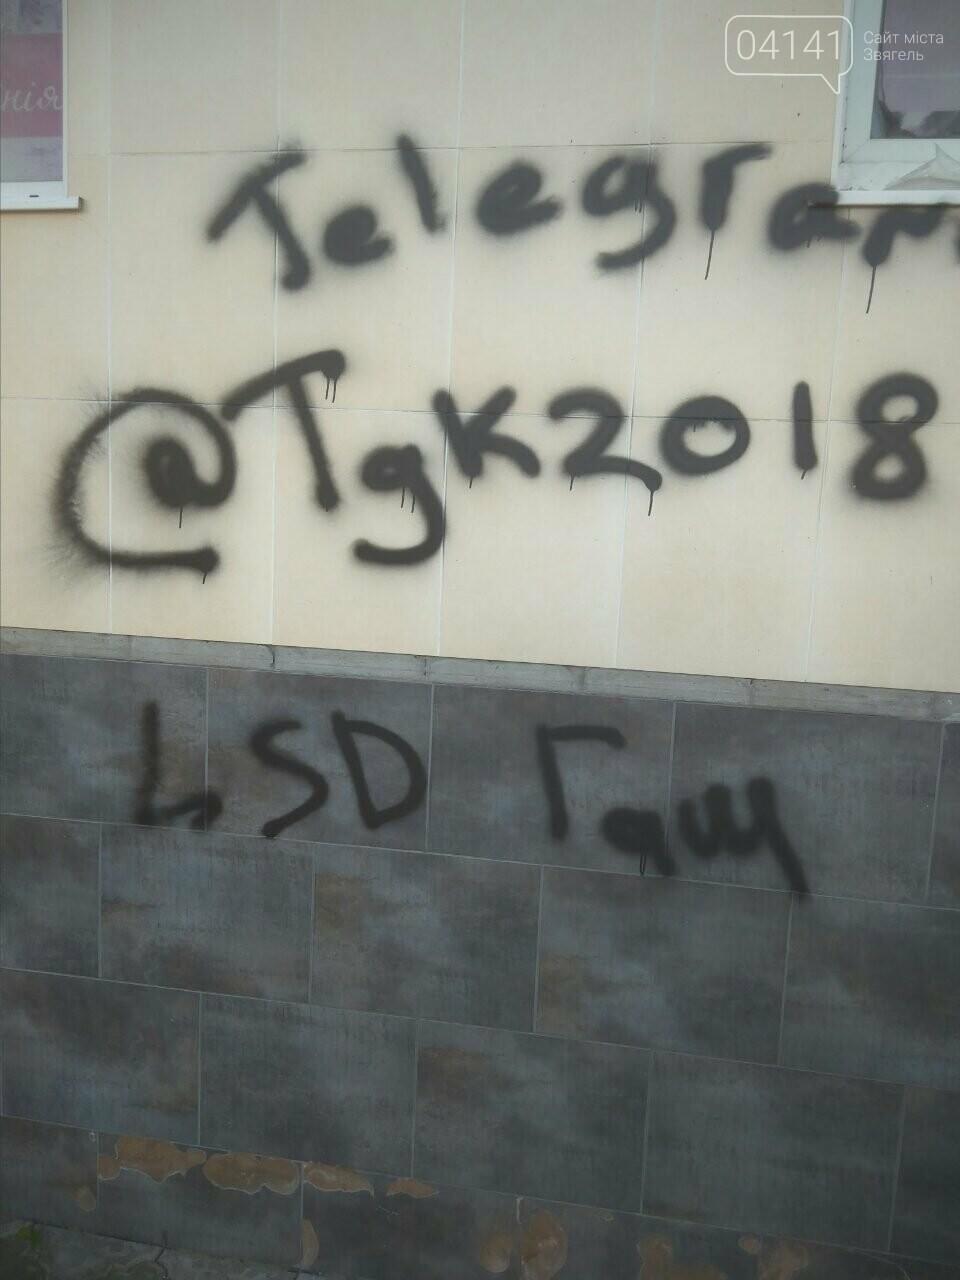 Сучасні тенденції наркоторгівлі в Новограді-Волинському, фото-1